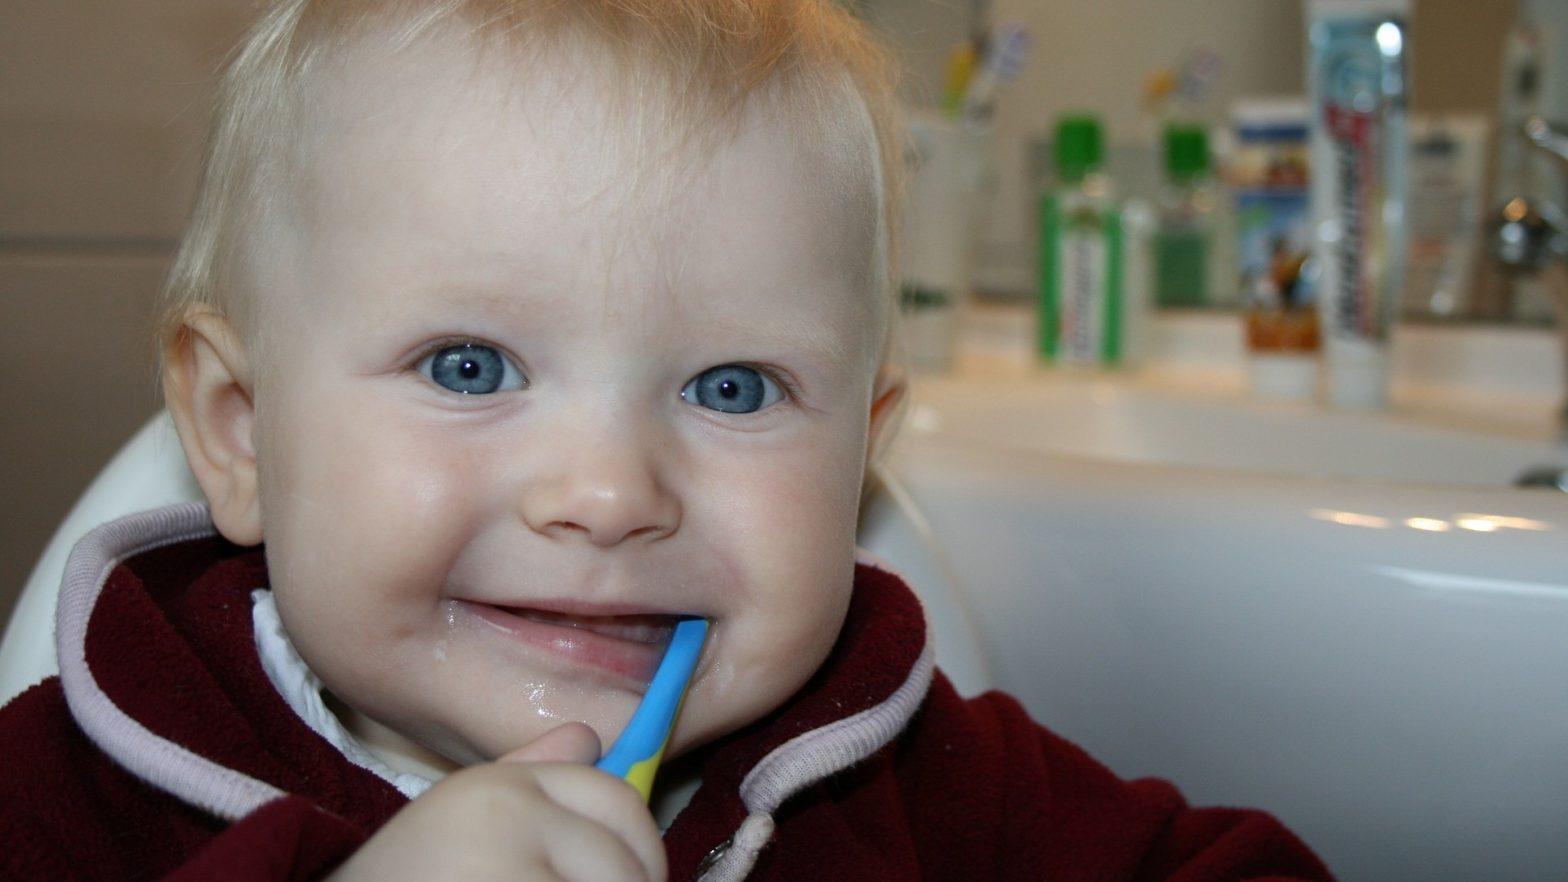 Bebê com escova dente na boca.